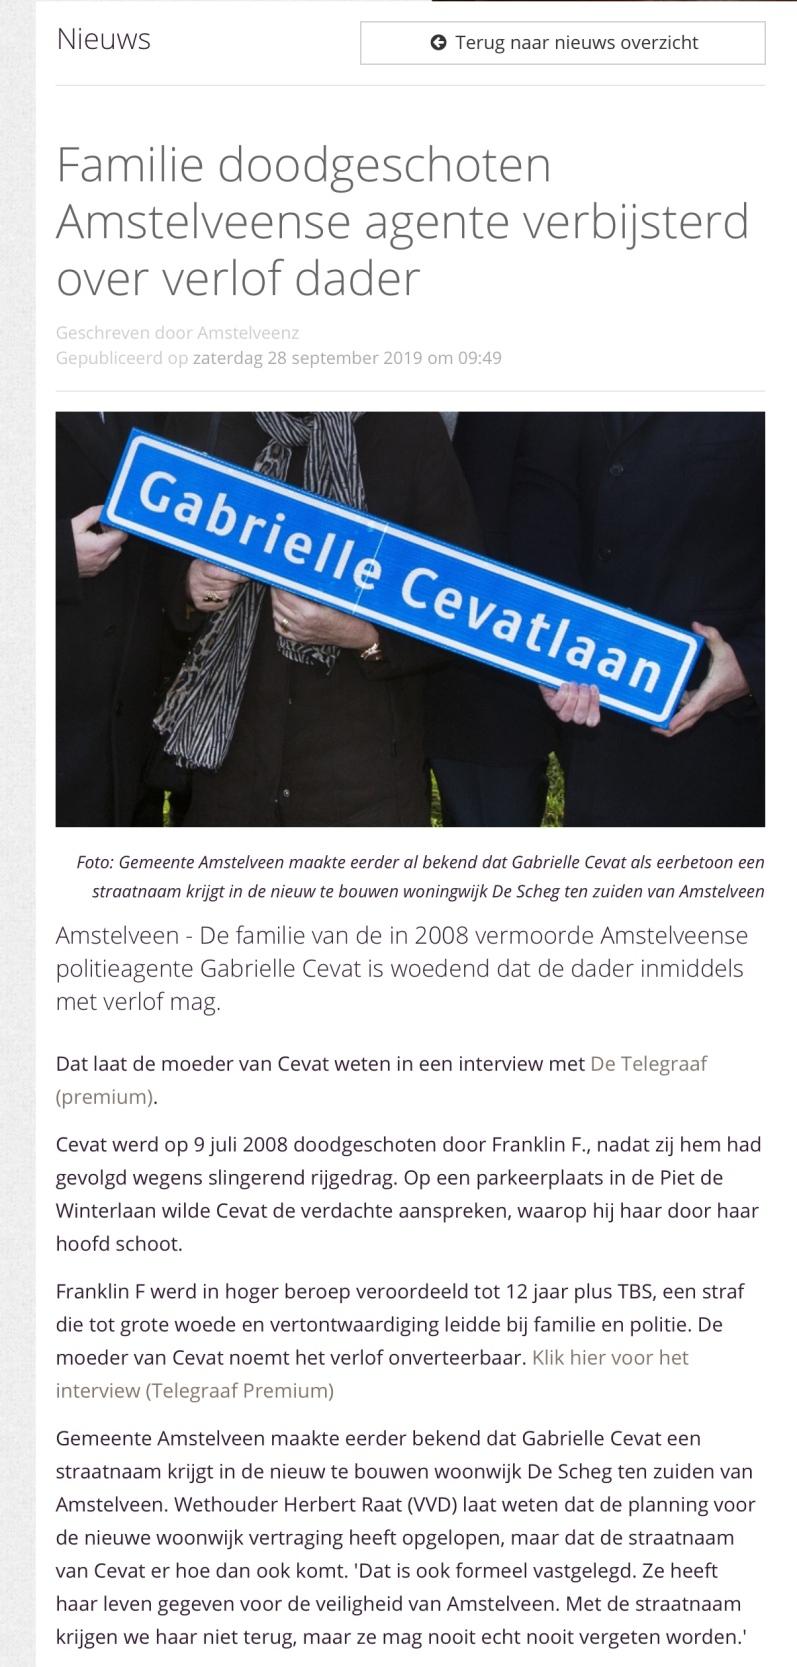 2019-28-9 AmstelveenZ; Herbert Raat over straatnaam Gabrielle Cevat